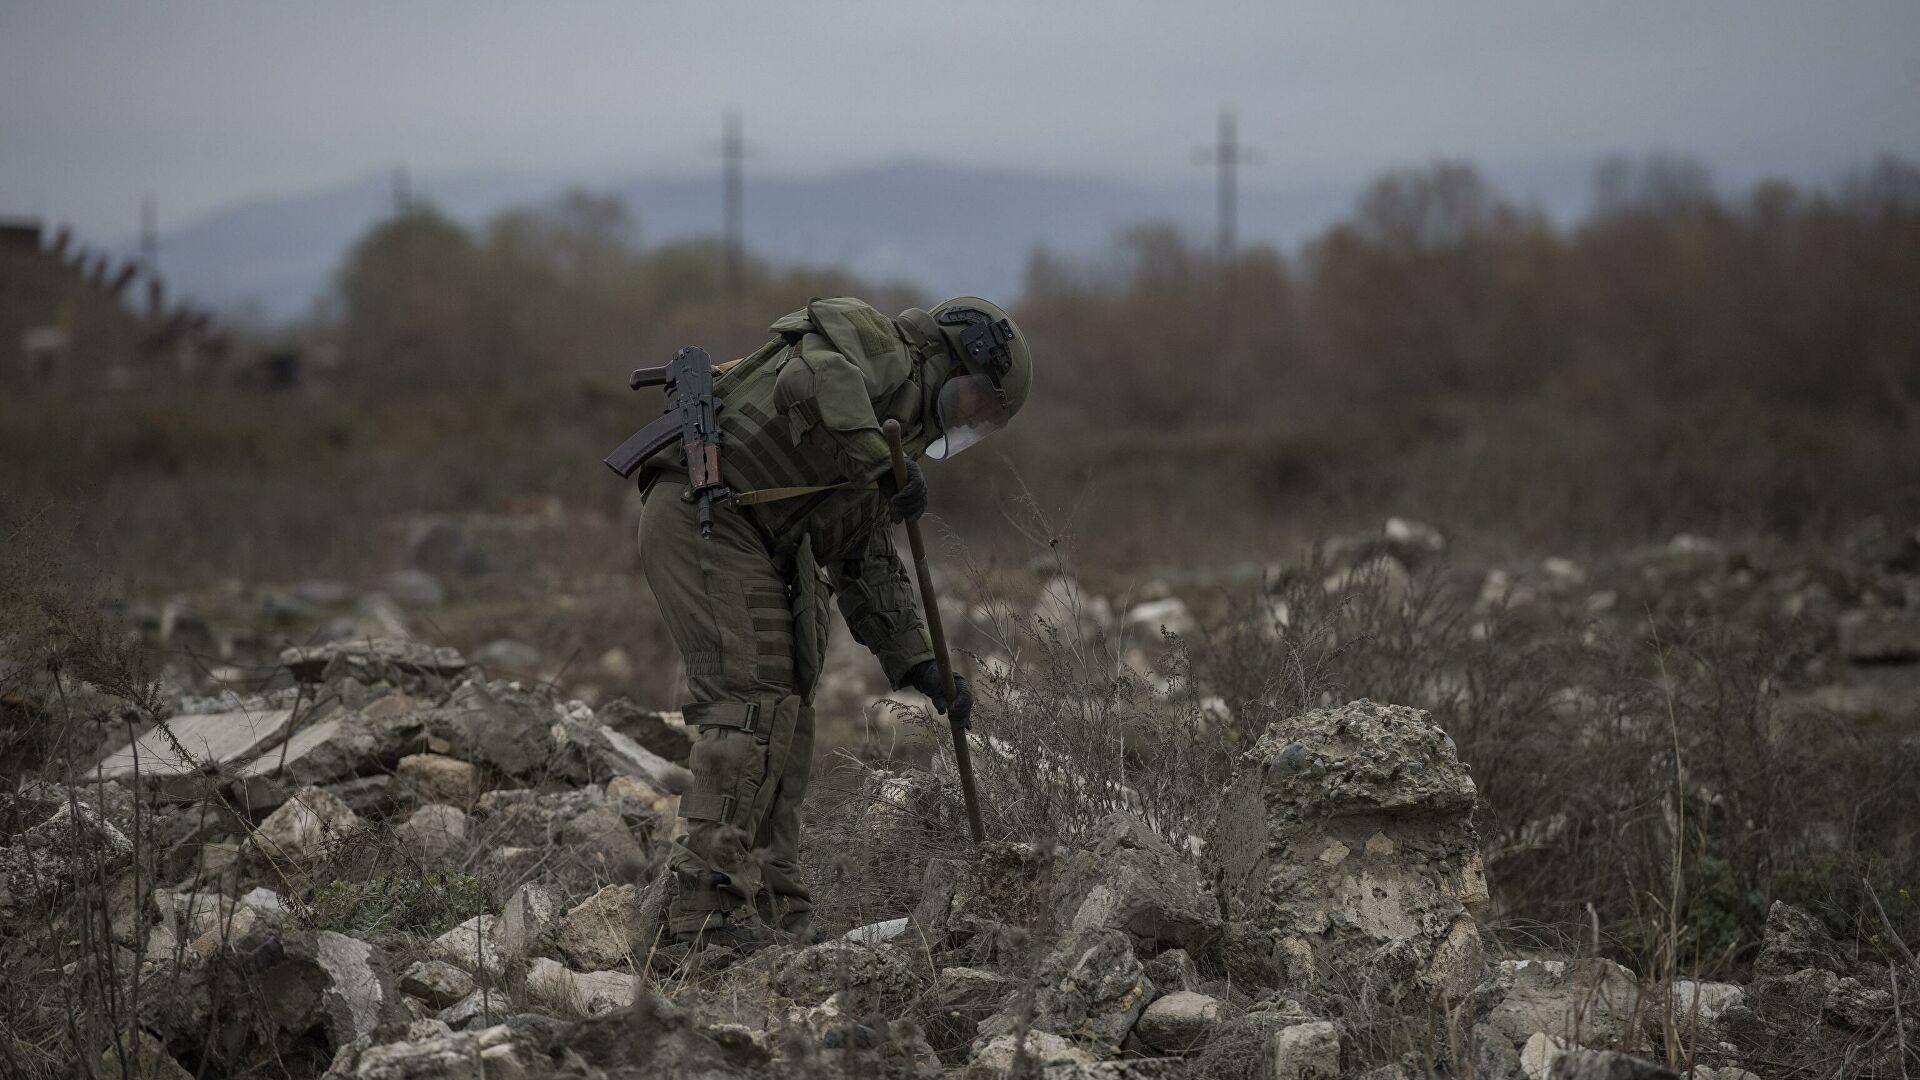 Руски деминери неутралисали више од 20 хиљада експлозивних средстава у Нагорно-Карабаху